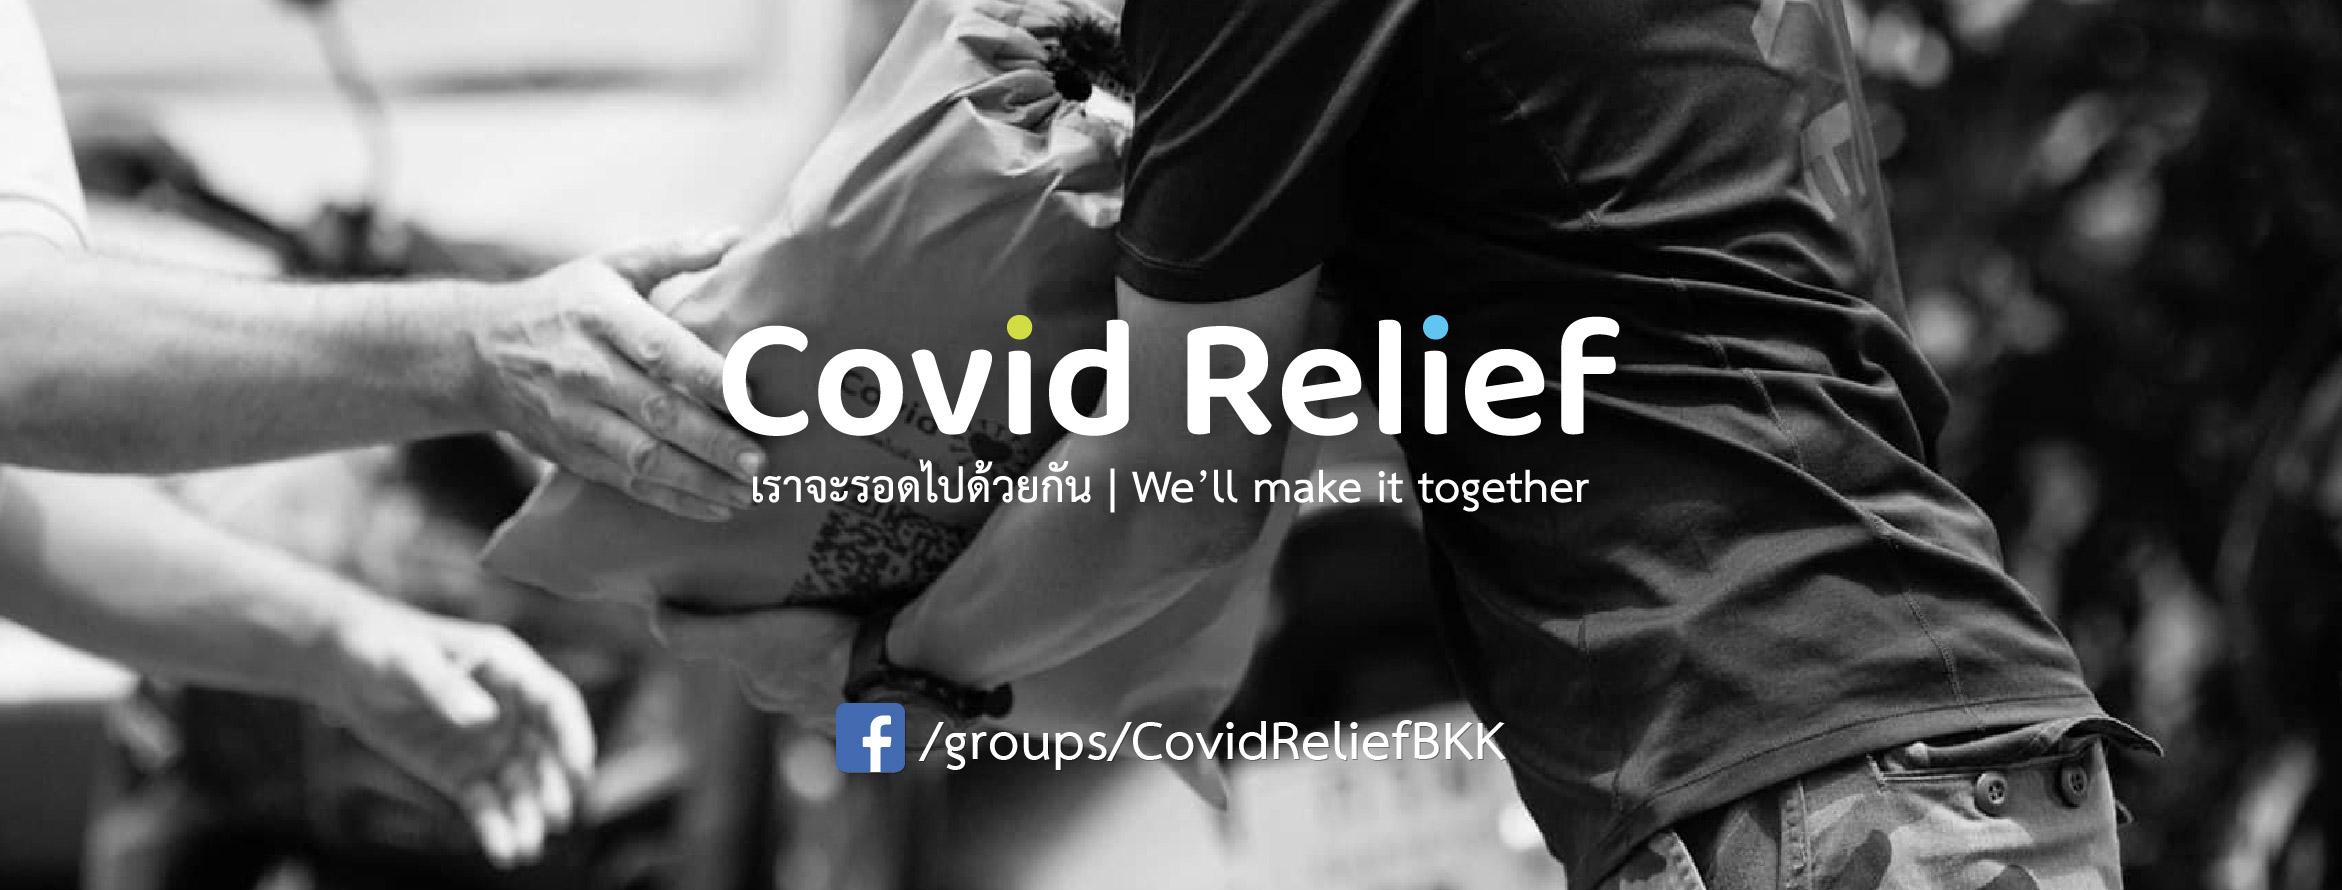 ช่วยเหลือกลุ่มผู้สูงอายุ และผู้ที่มีรายได้ต่ำ ที่ได้รับผลกระทบจากโควิด-19 ระลอกใหม่